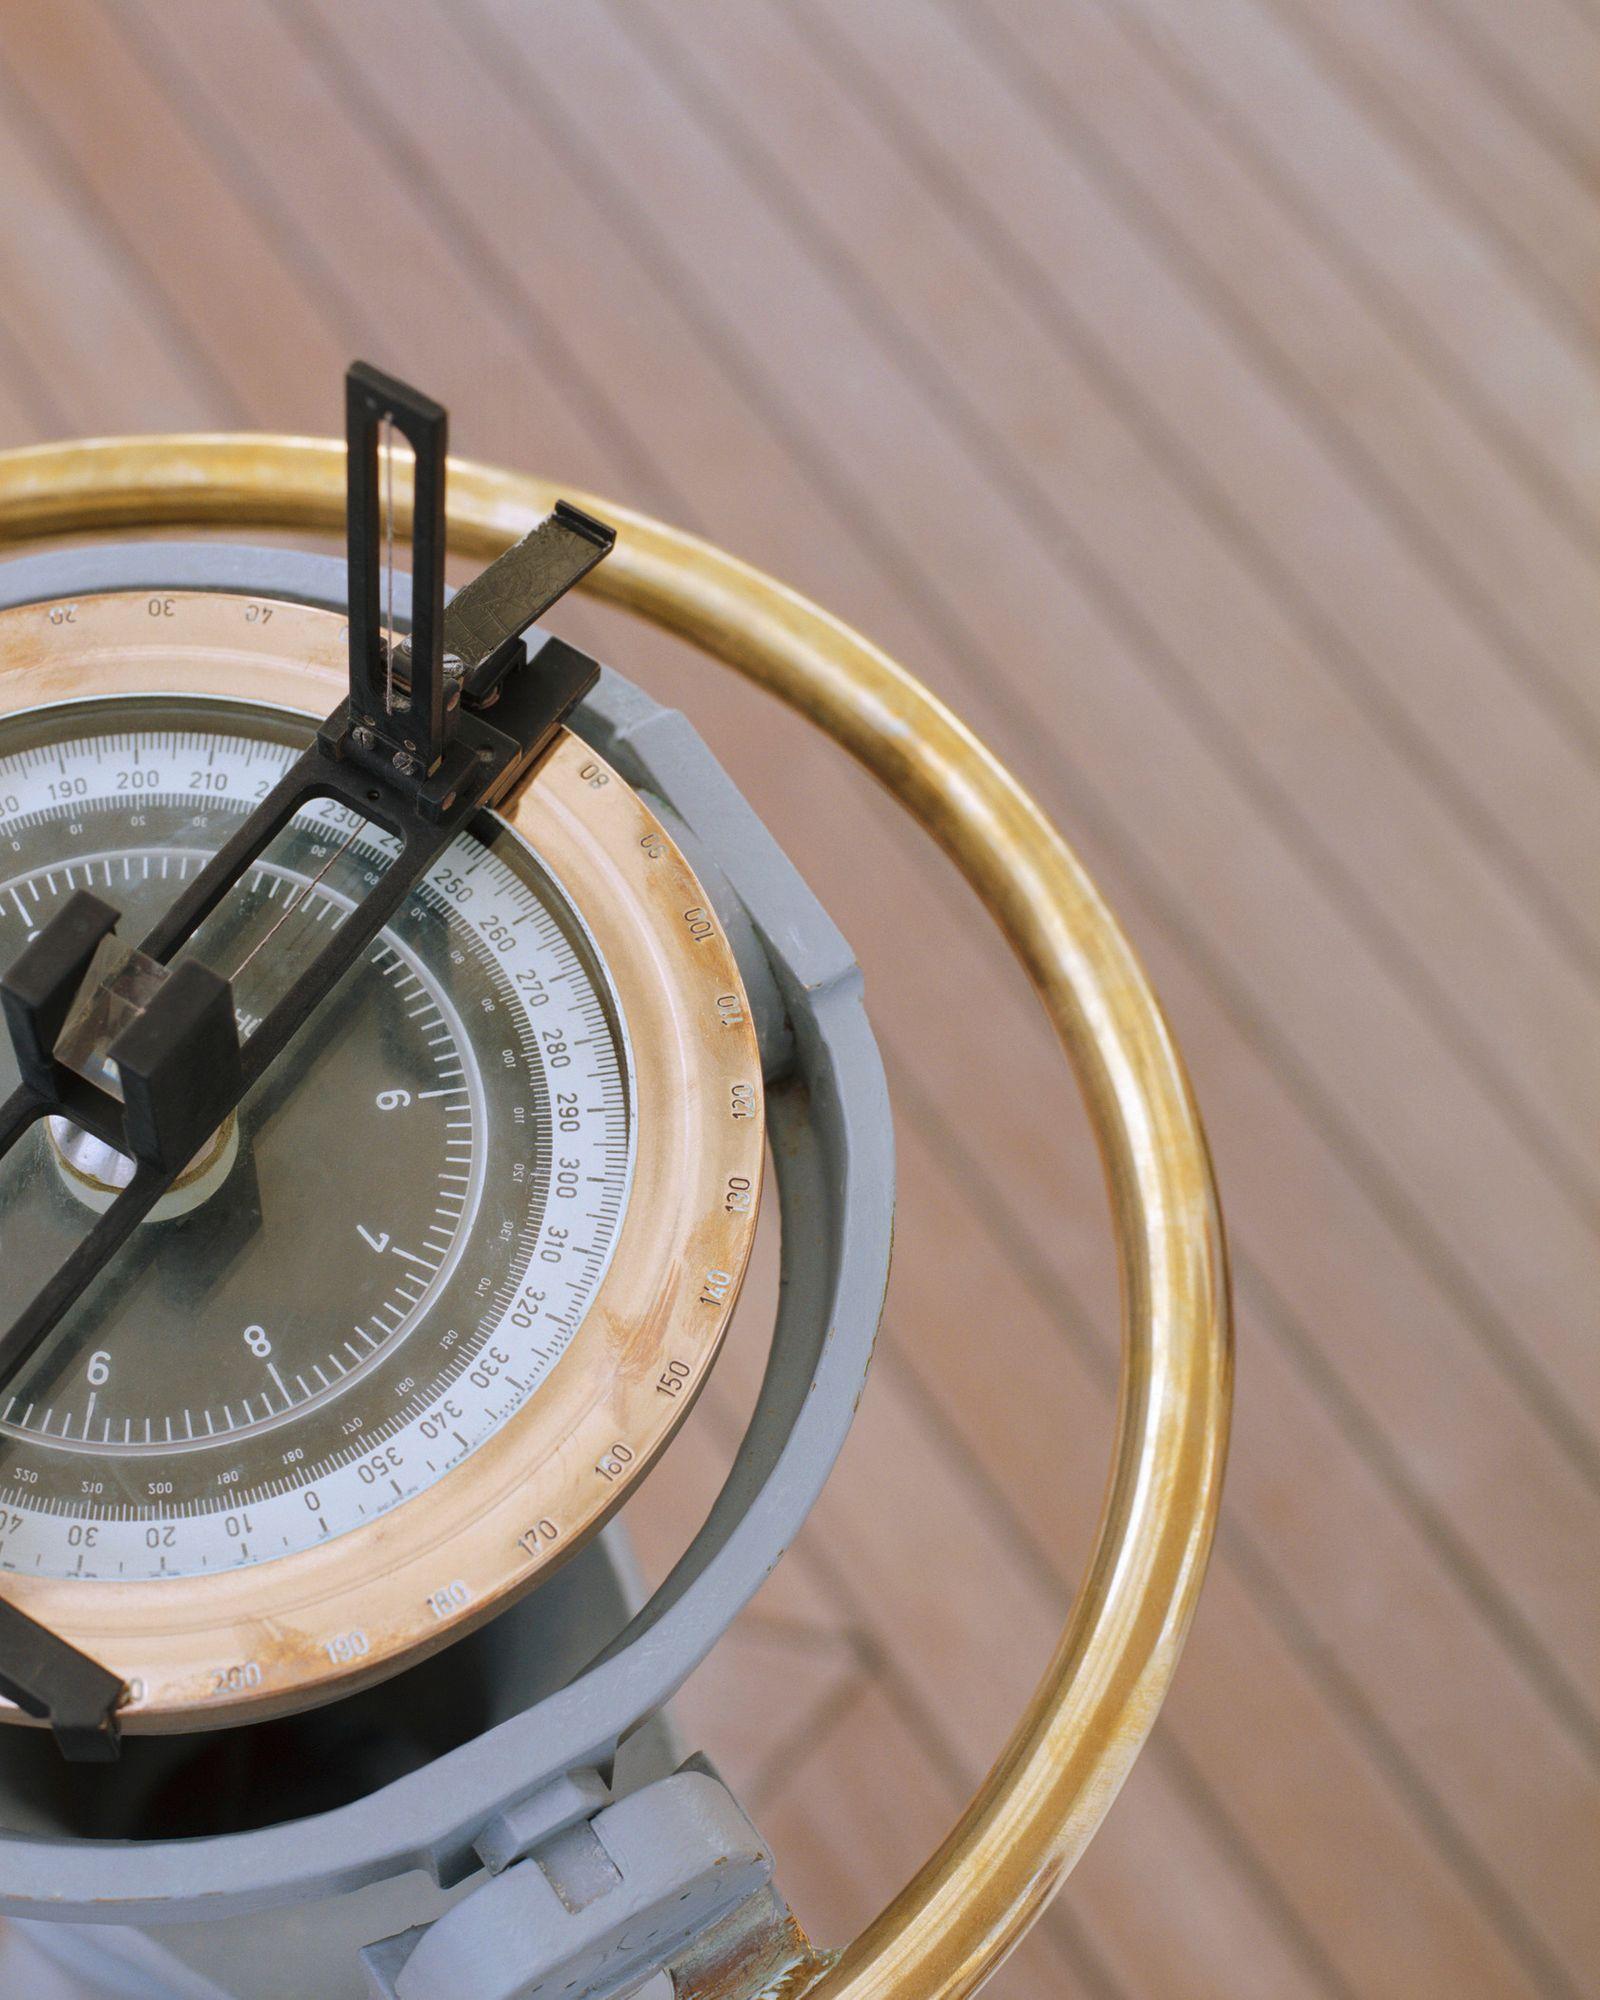 NICHT MEHR VERWENDEN! - Kompass